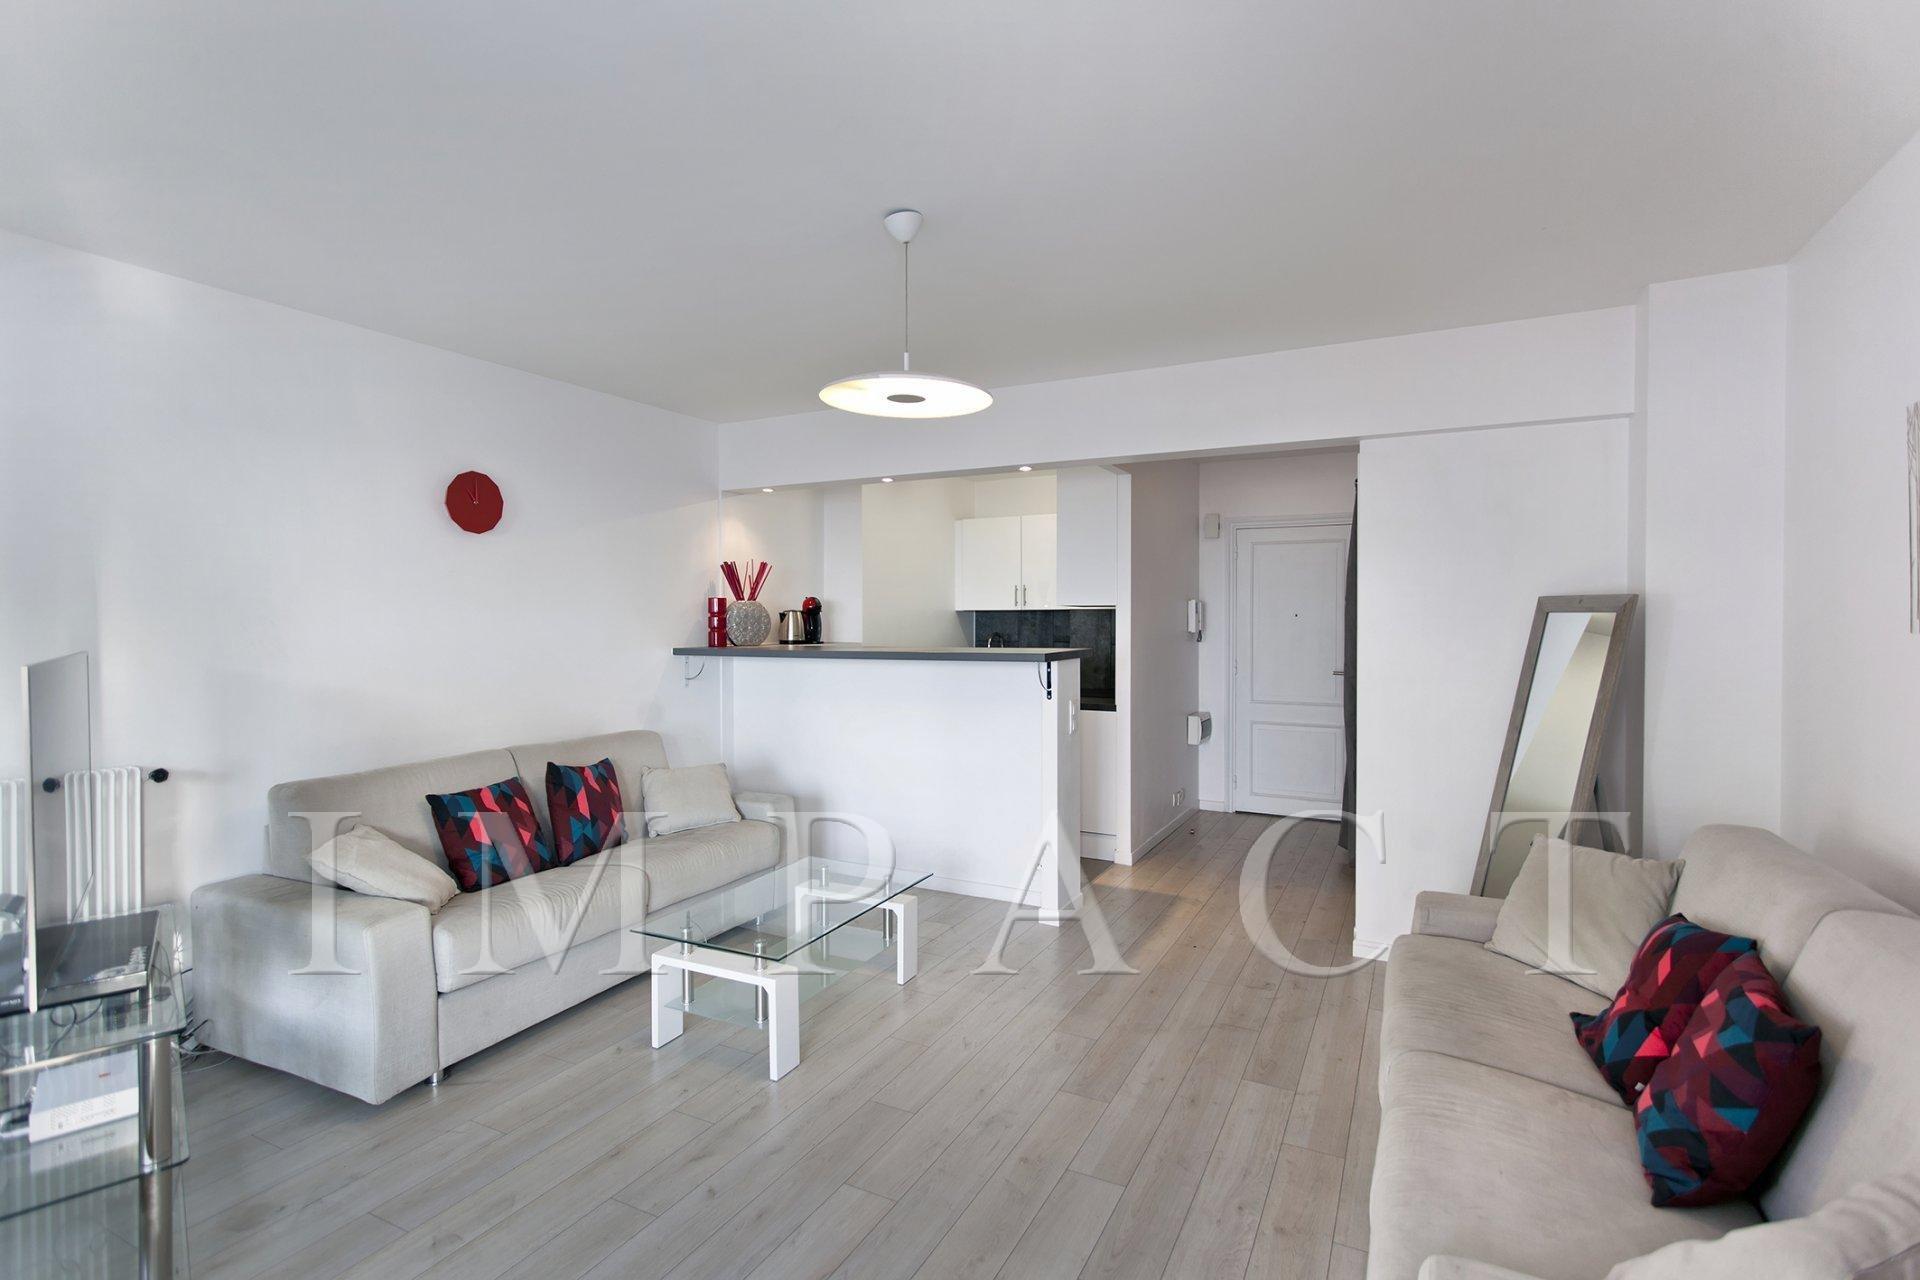 Appartement Location Saisonnière à Cannes